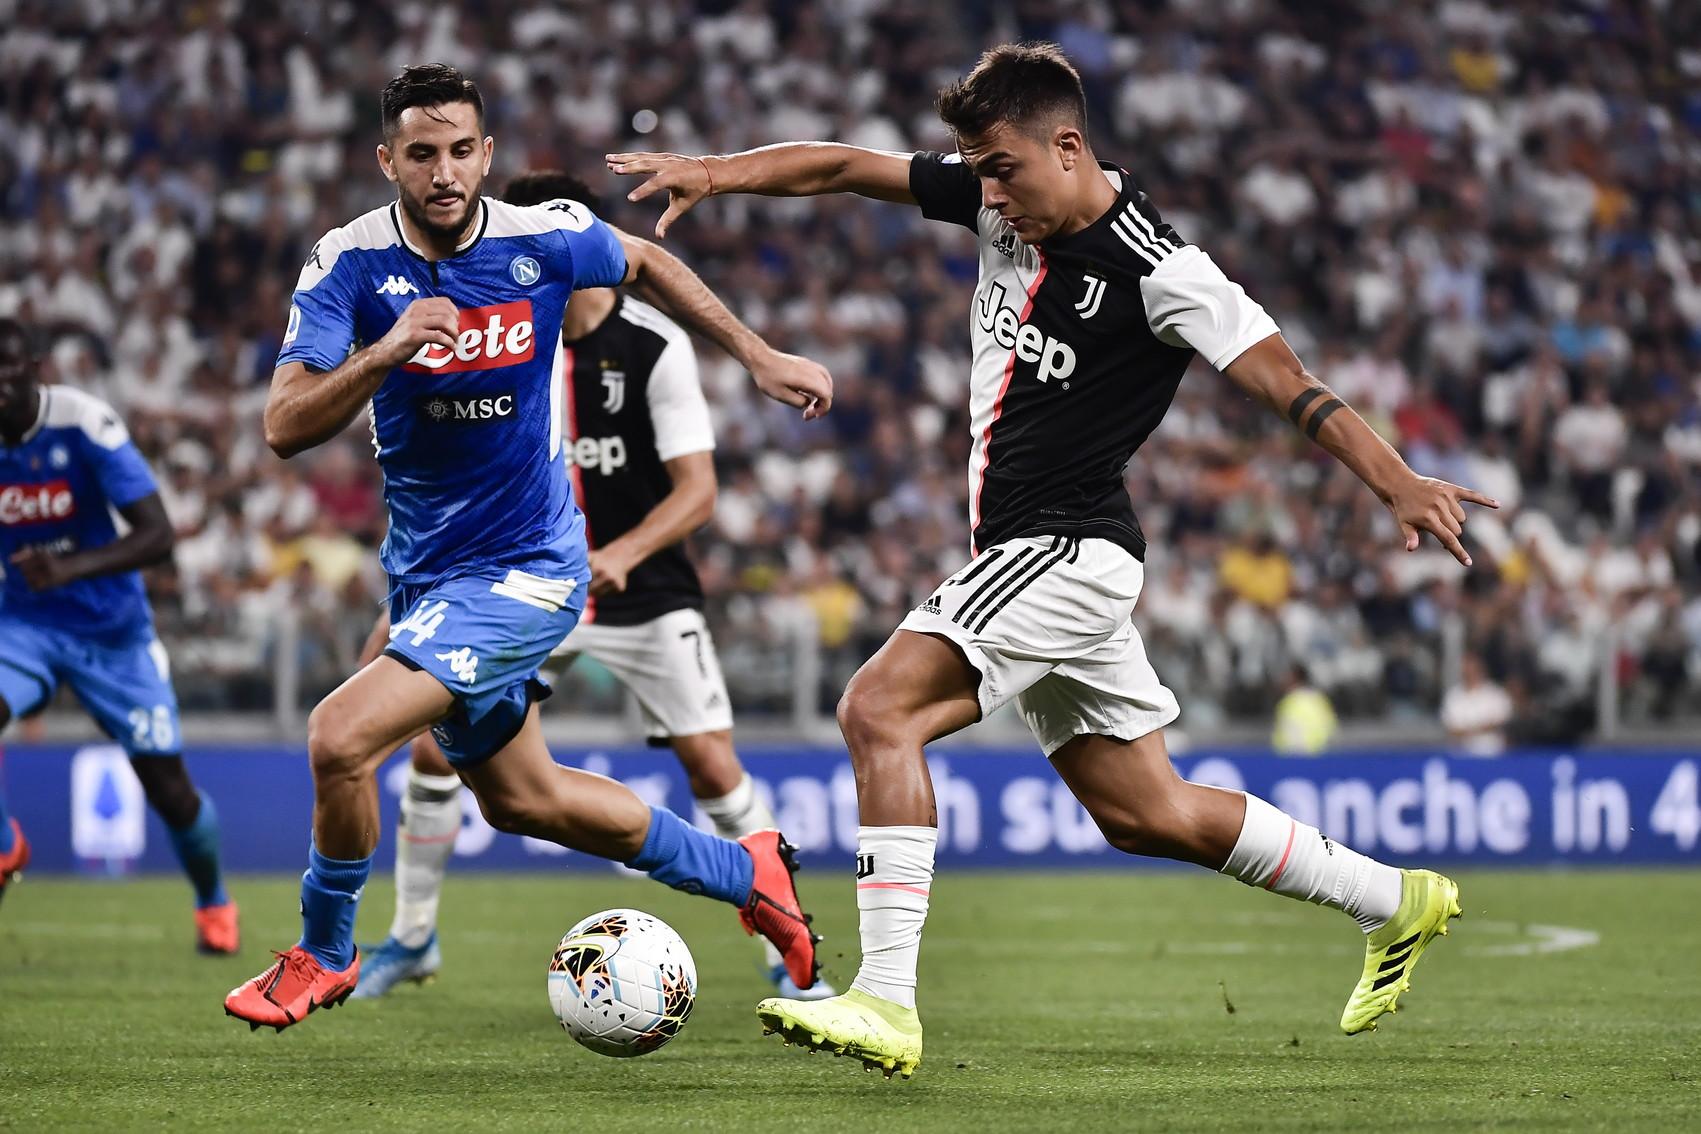 Dybala, dove sei? Fuori a Parma, dentro solo nel finale contro il Napoli: solo due anni fa era la stella della Serie A. Oggi è un lusso per la Juve